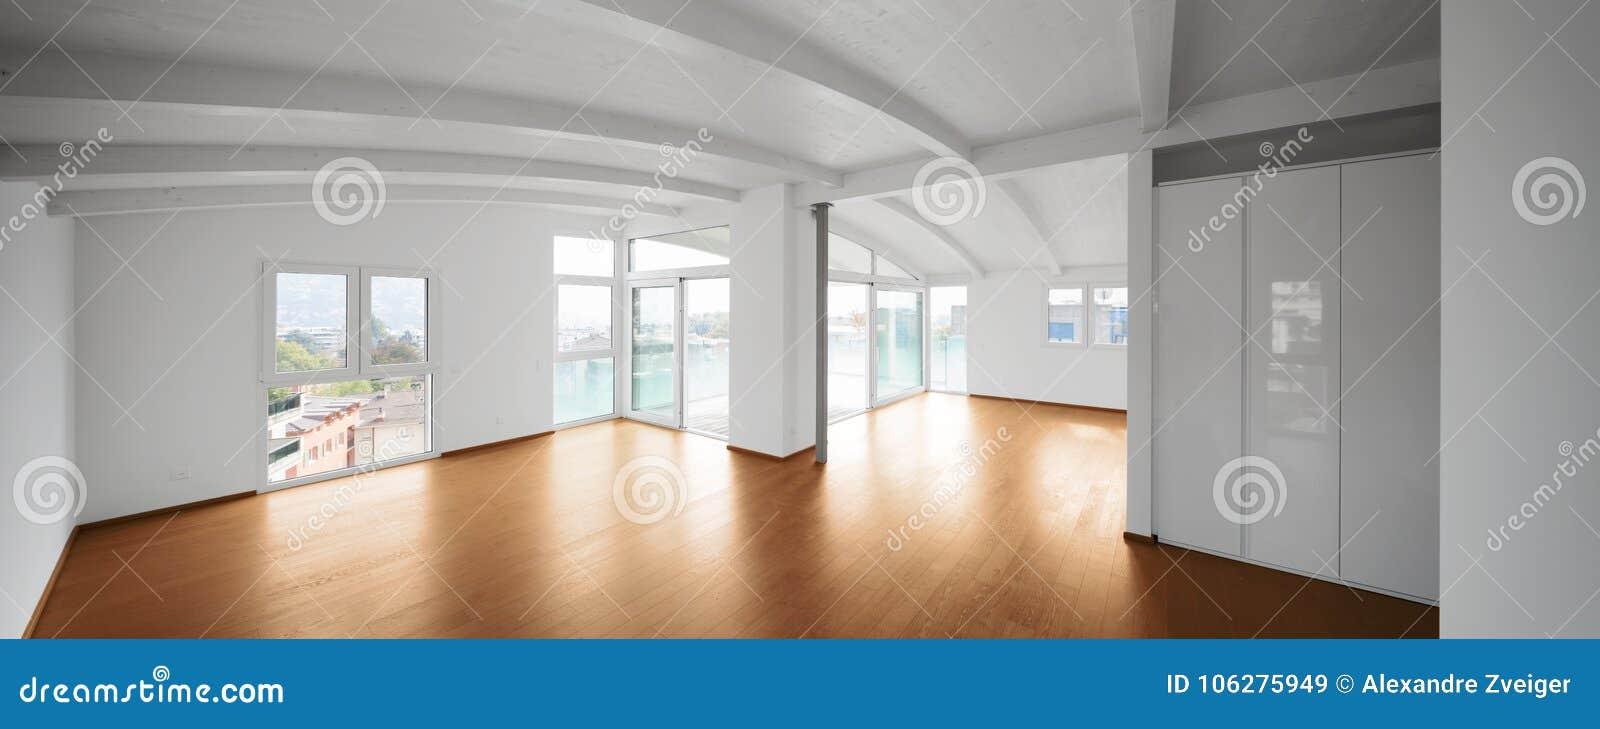 Moderne zolder, lege woonkamer